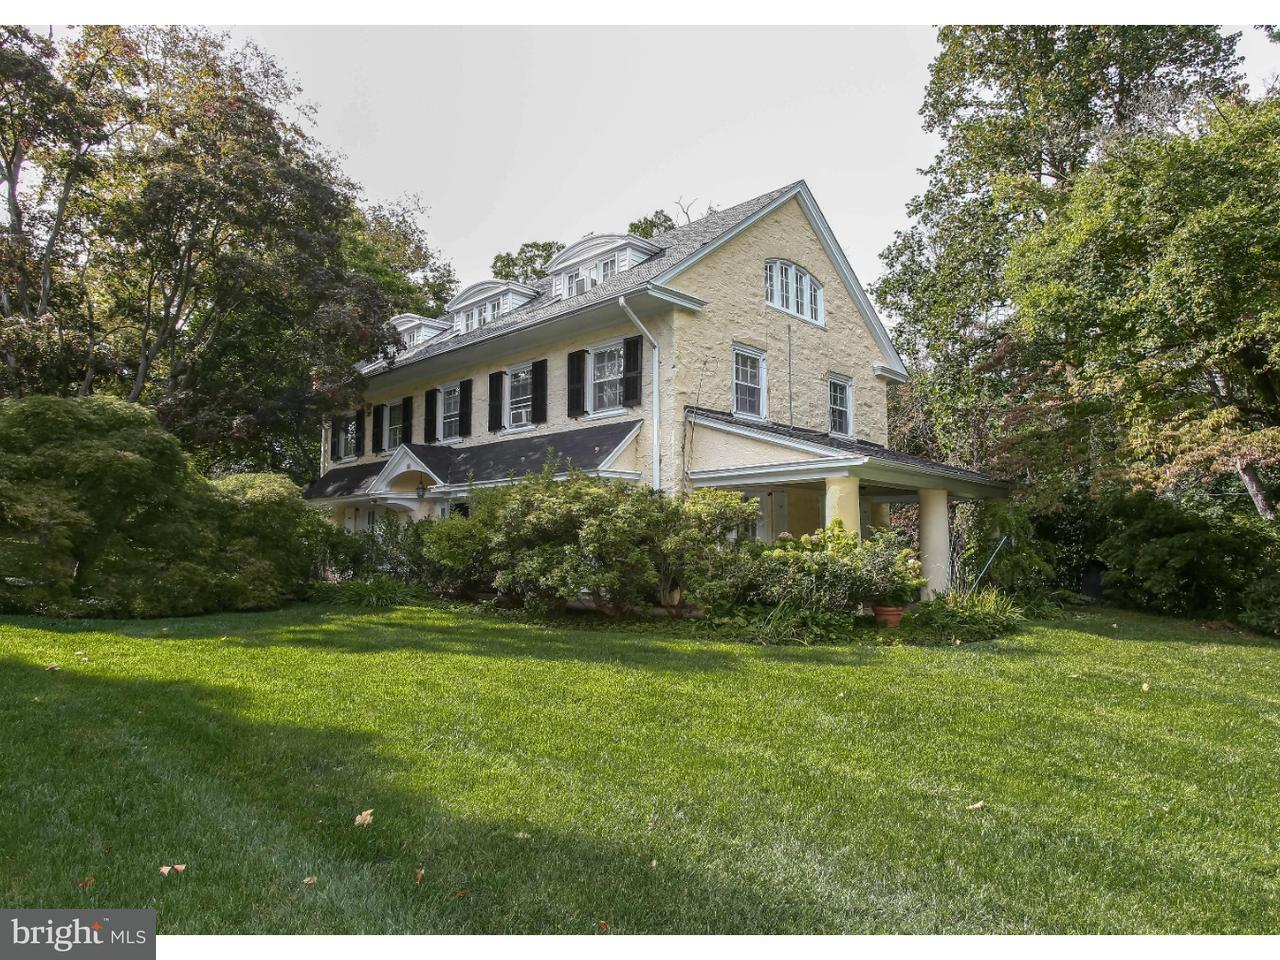 Maison unifamiliale pour l Vente à 211 ROBERTS Road Ardmore, Pennsylvanie 19003 États-Unis